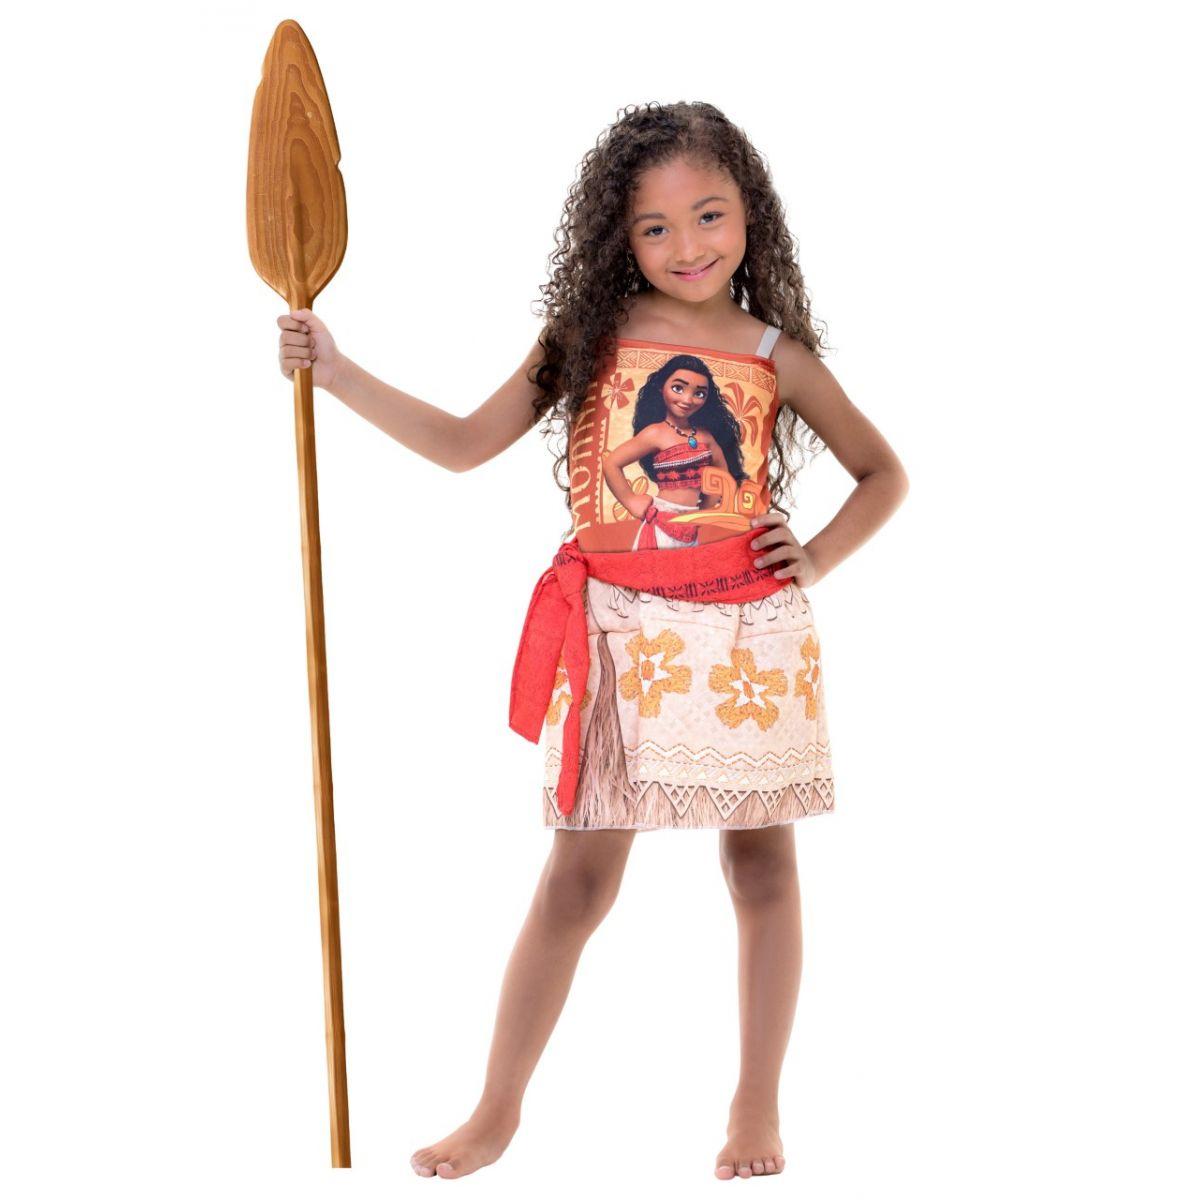 Fantasia Moana Infantil Personagem Vestido Princesa Disney